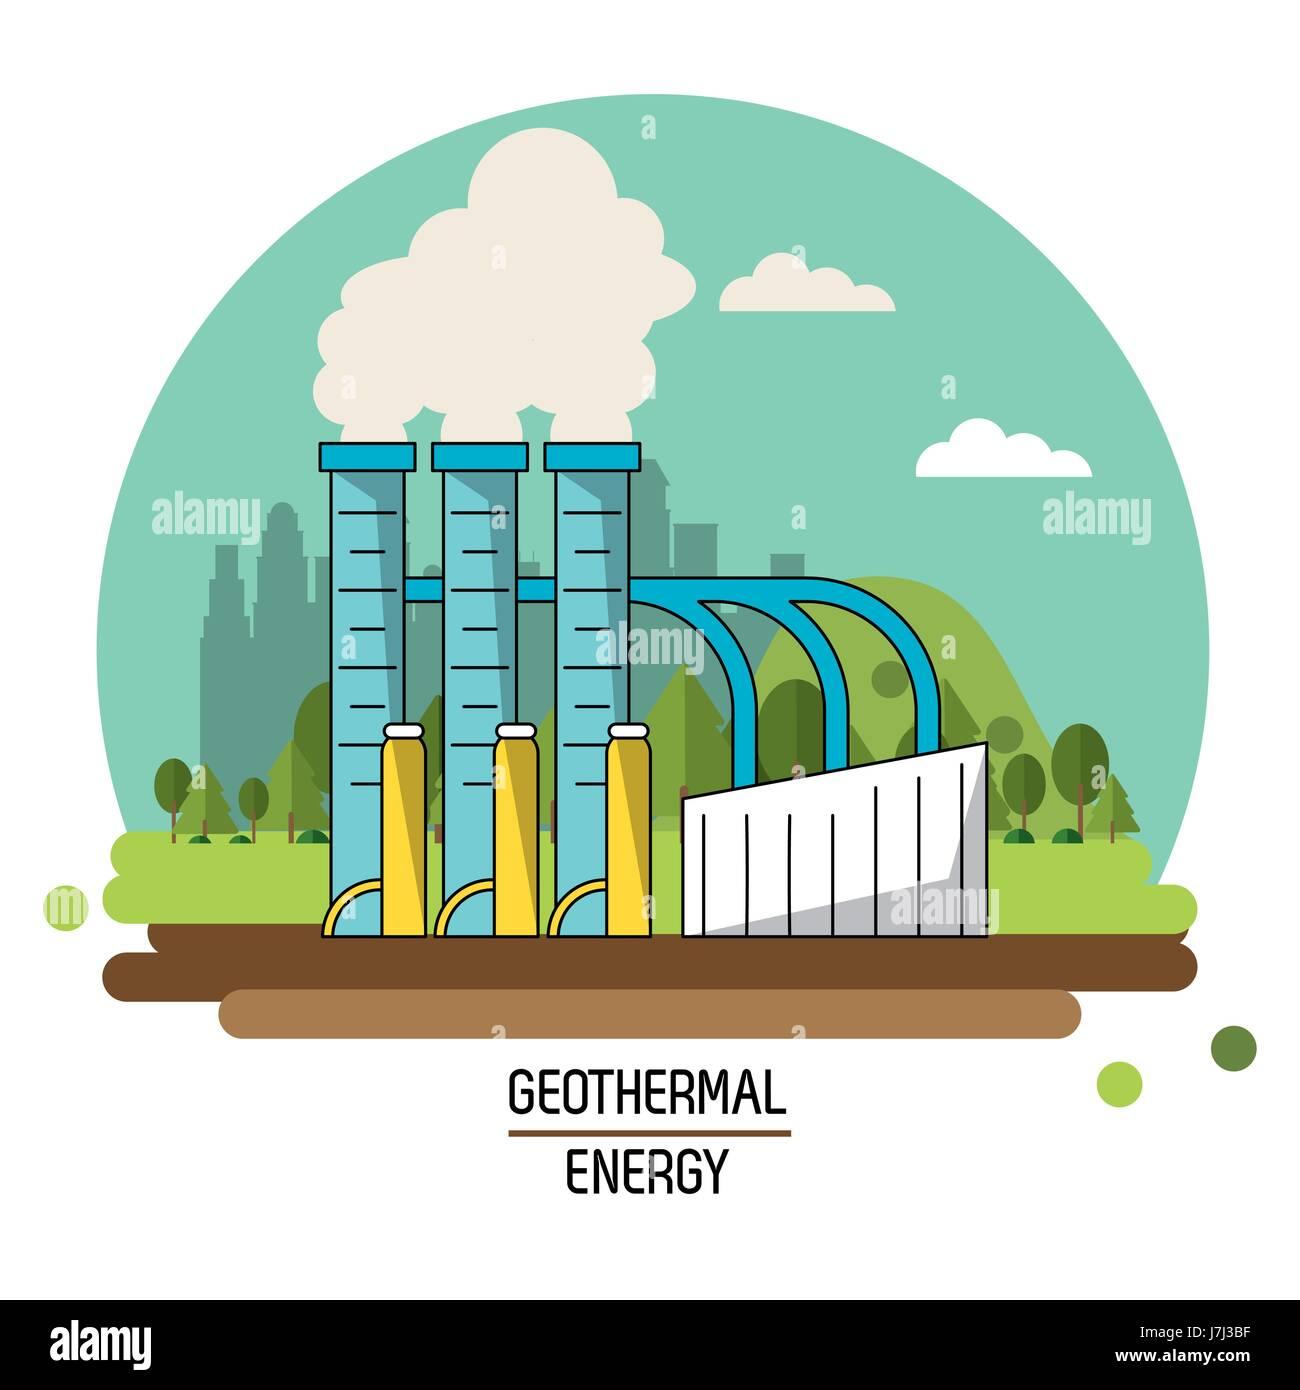 Color landscape image geothermal energy production plant stock color landscape image geothermal energy production plant pooptronica